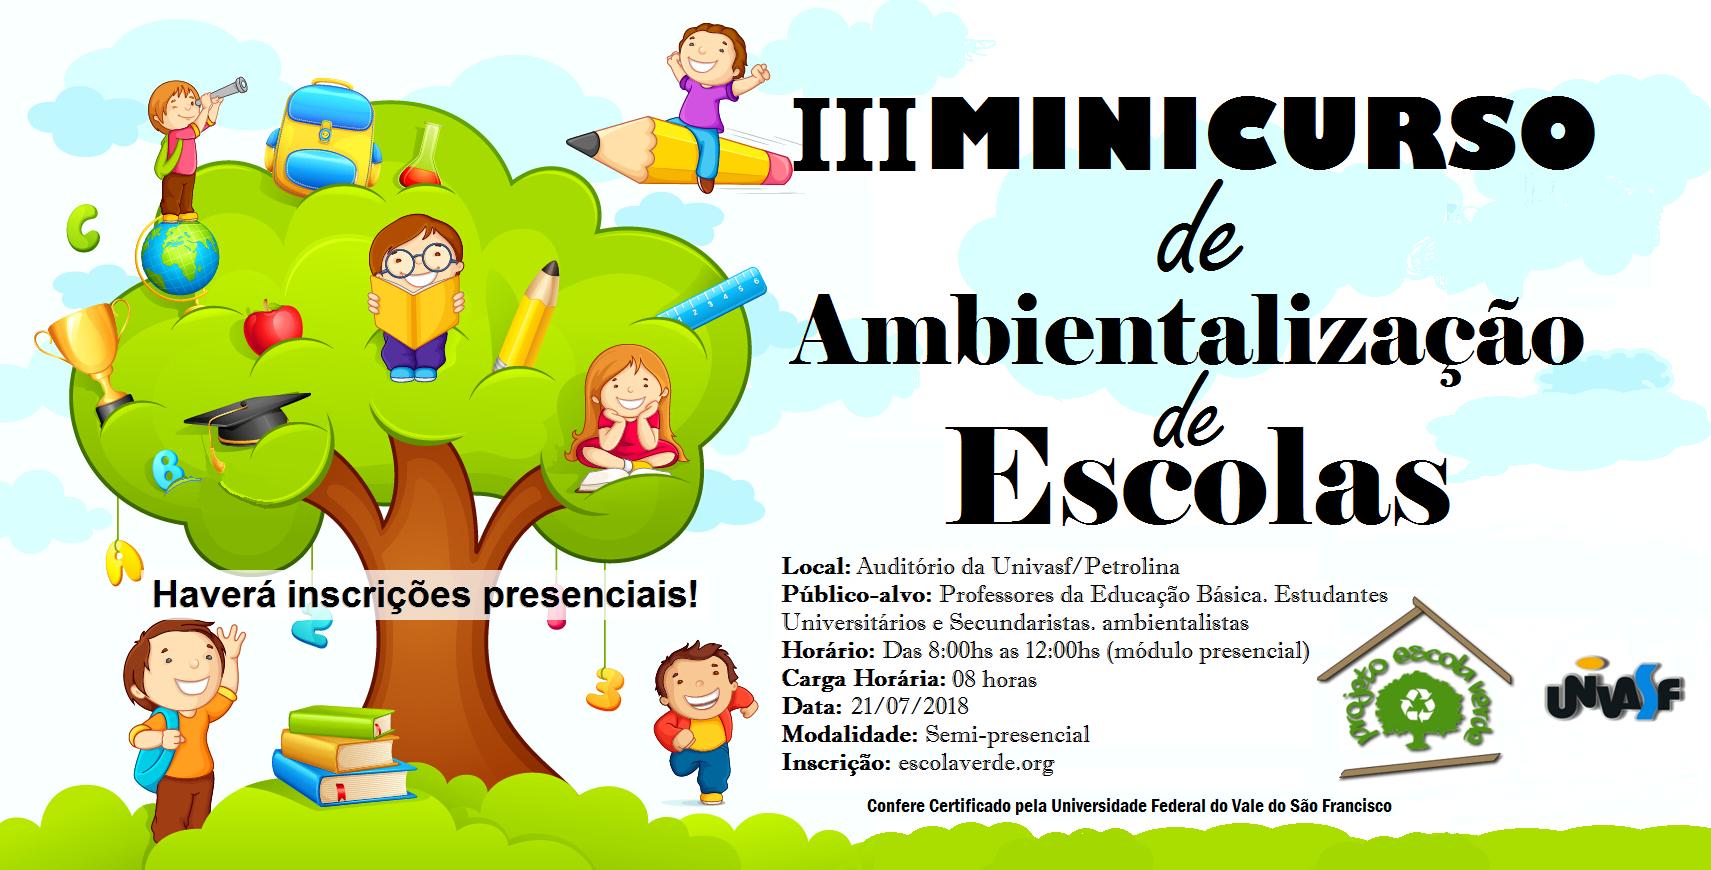 banner III minicurso de ambientalização de escolas